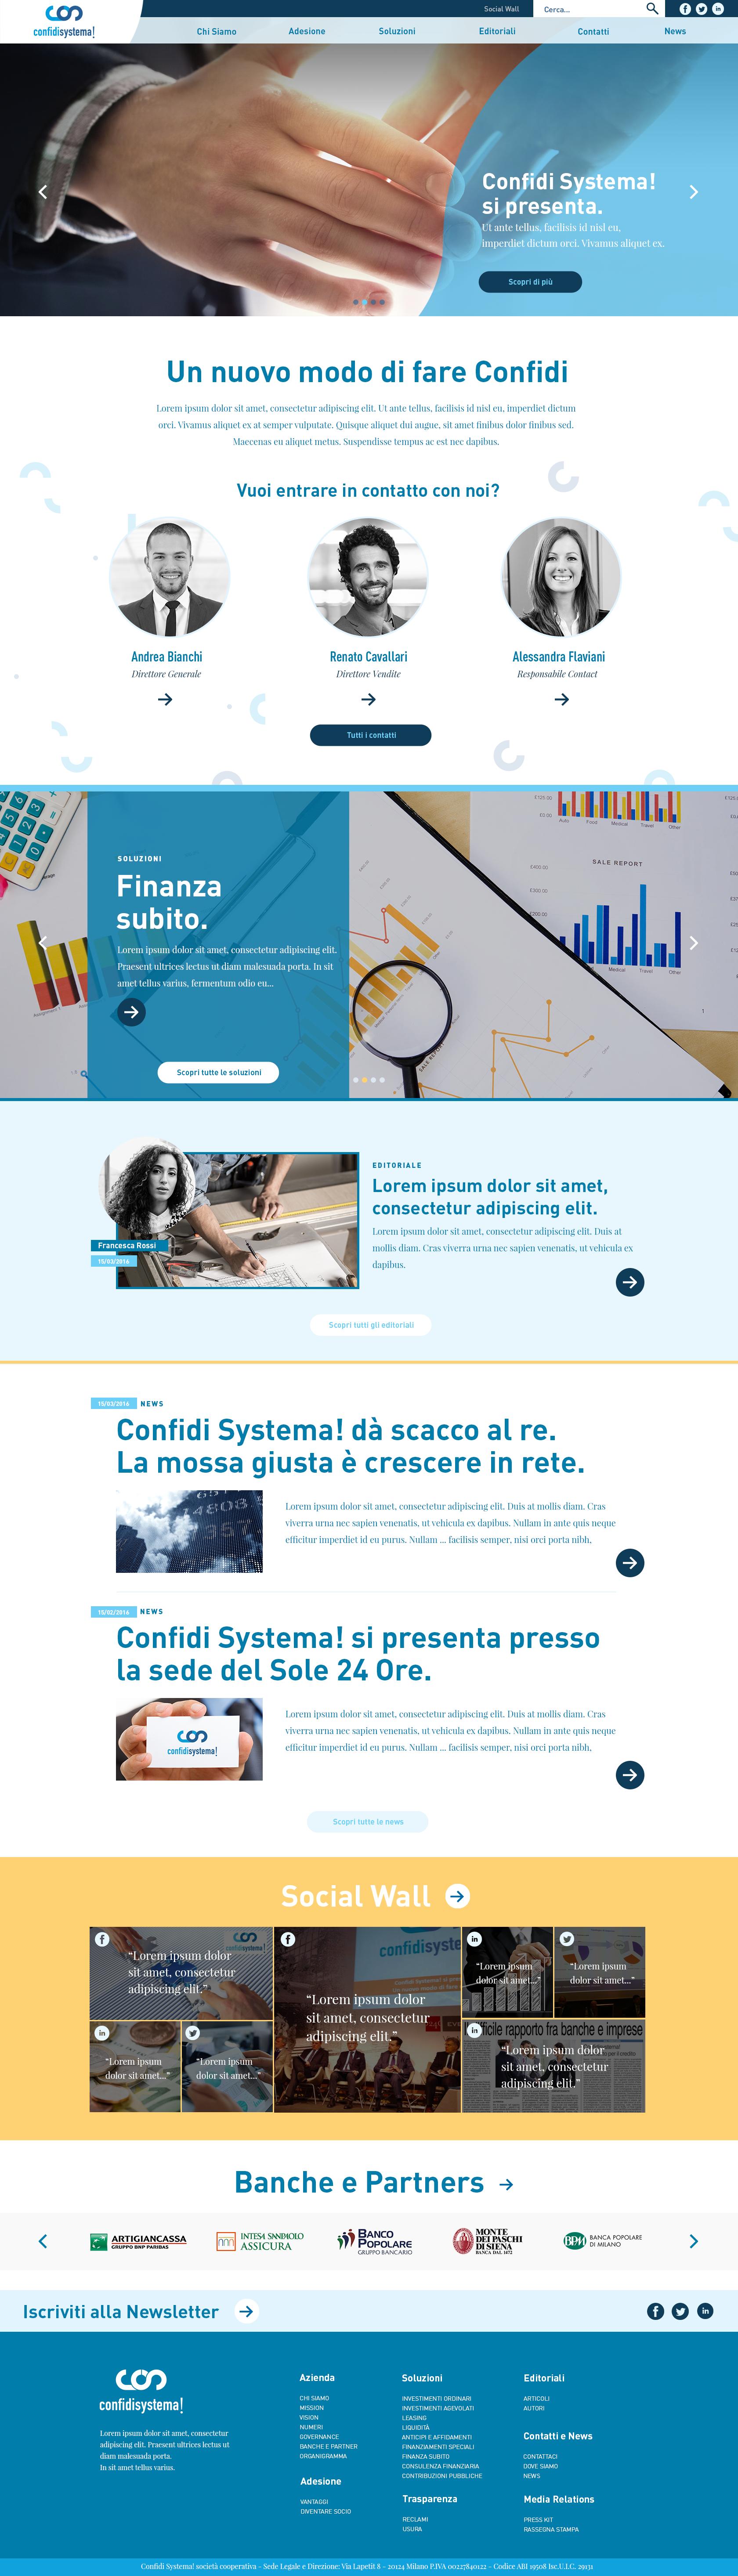 condifi-systema_hp_01